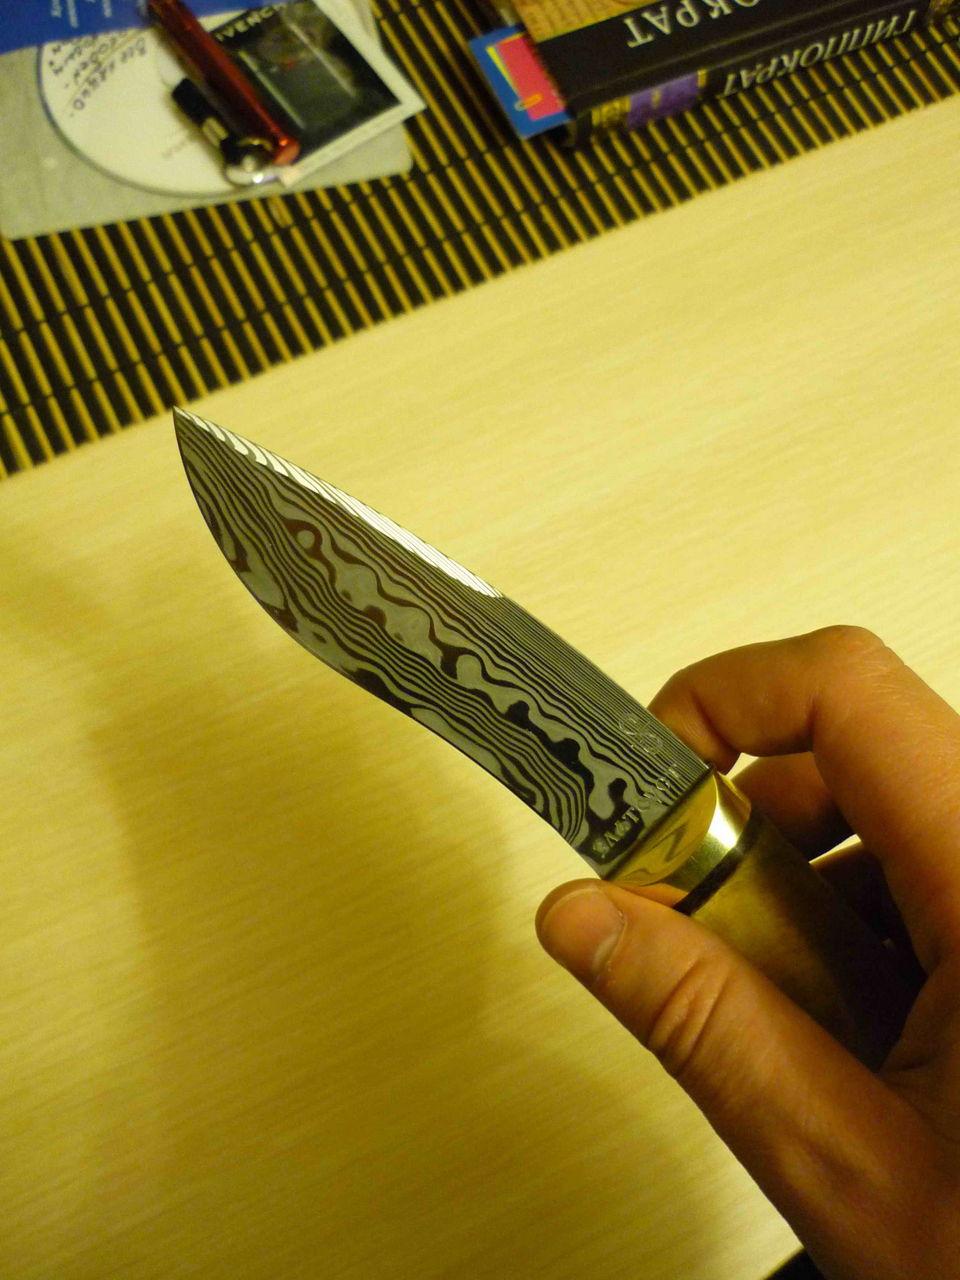 Нож, Топор, Иголка - Черная Магия - Создать форум 92